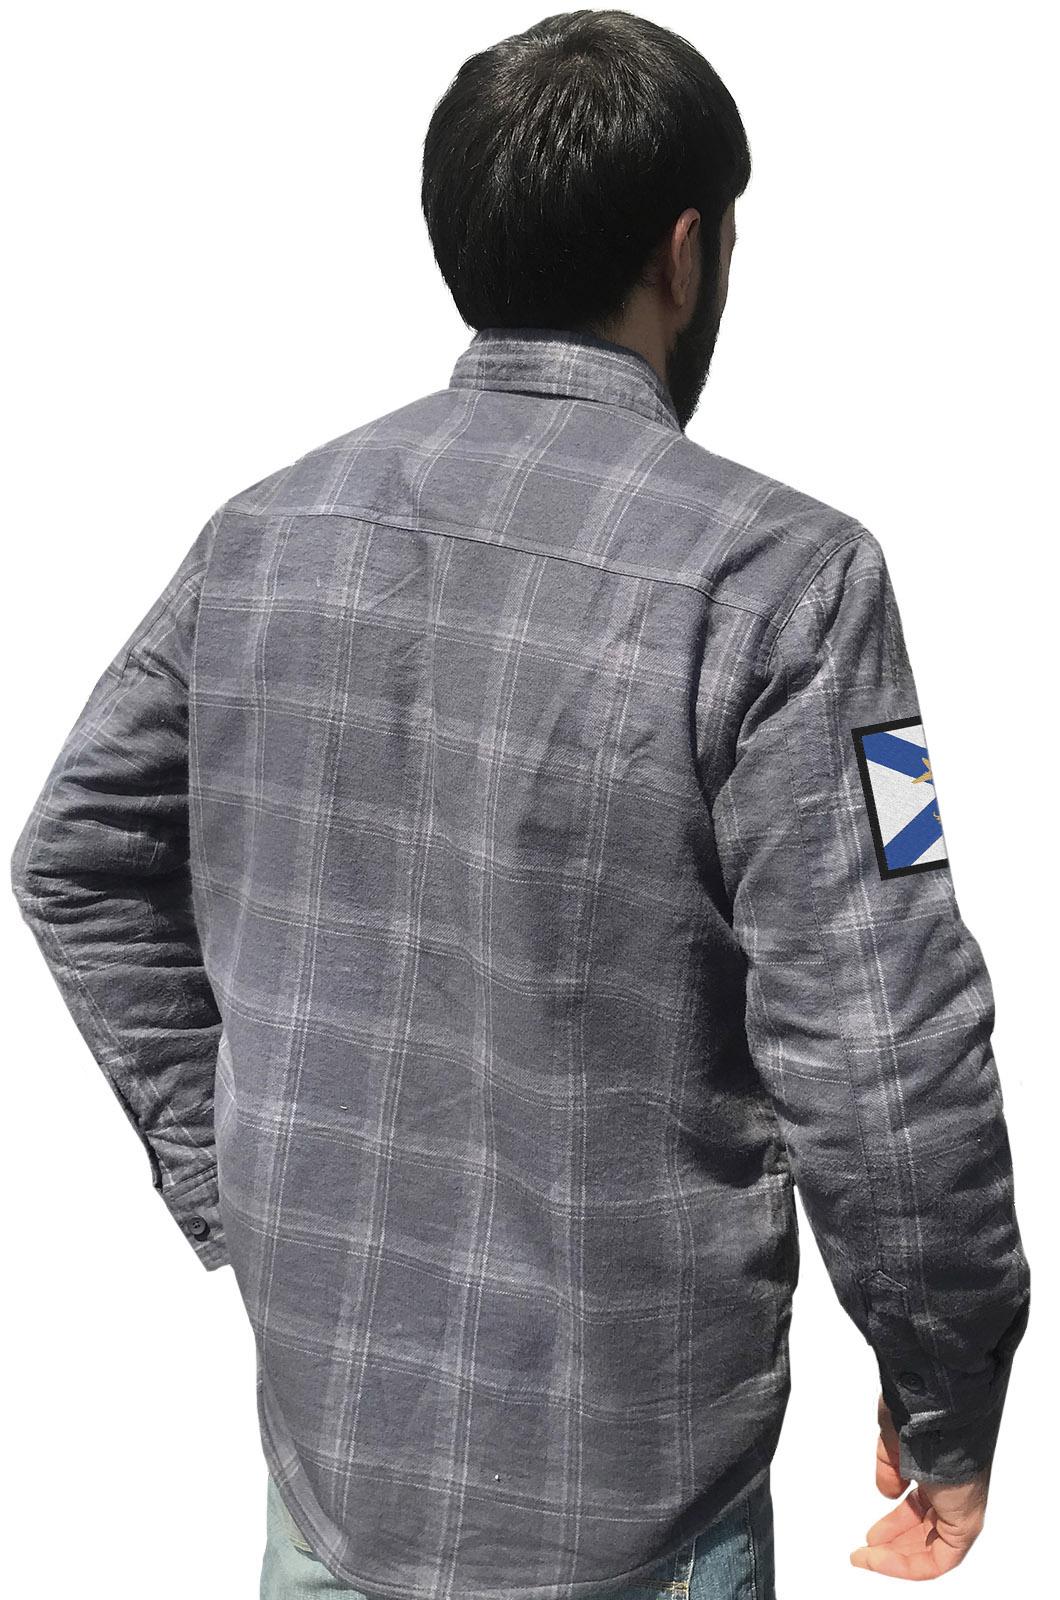 Утепленная мужская рубашка ДШБ Морской пехоты заказать в подарок